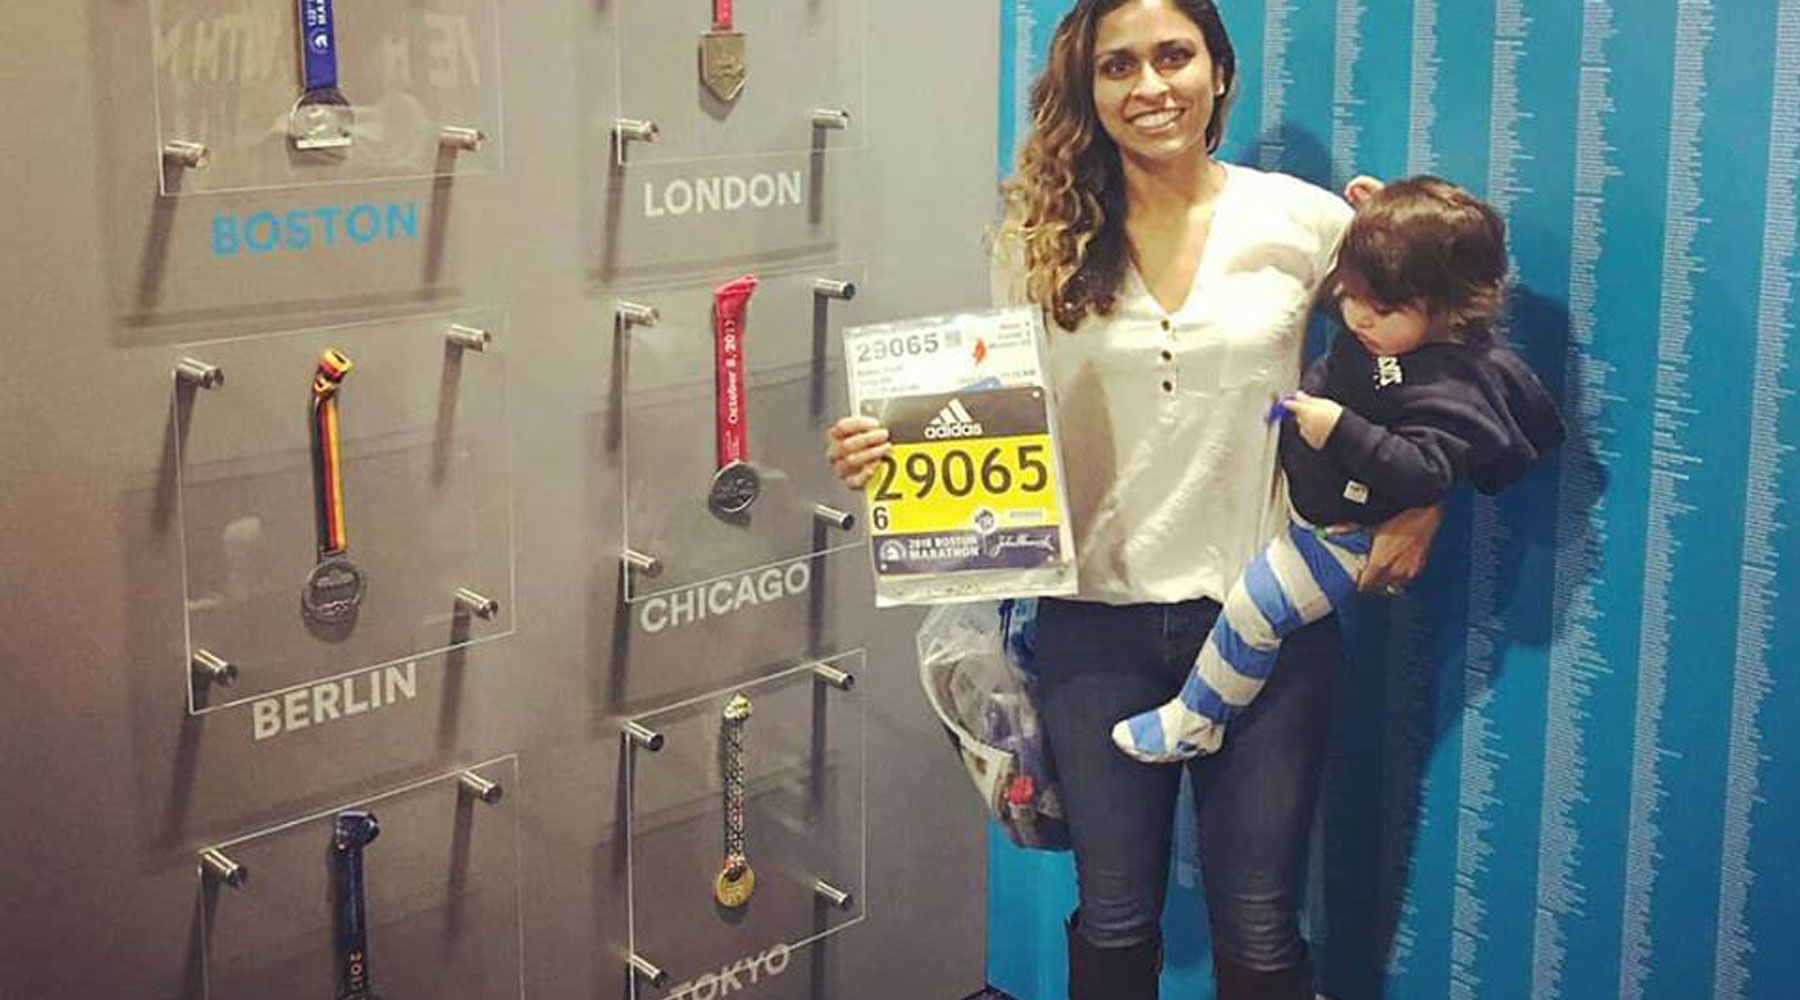 Juggling motherhood and marathons